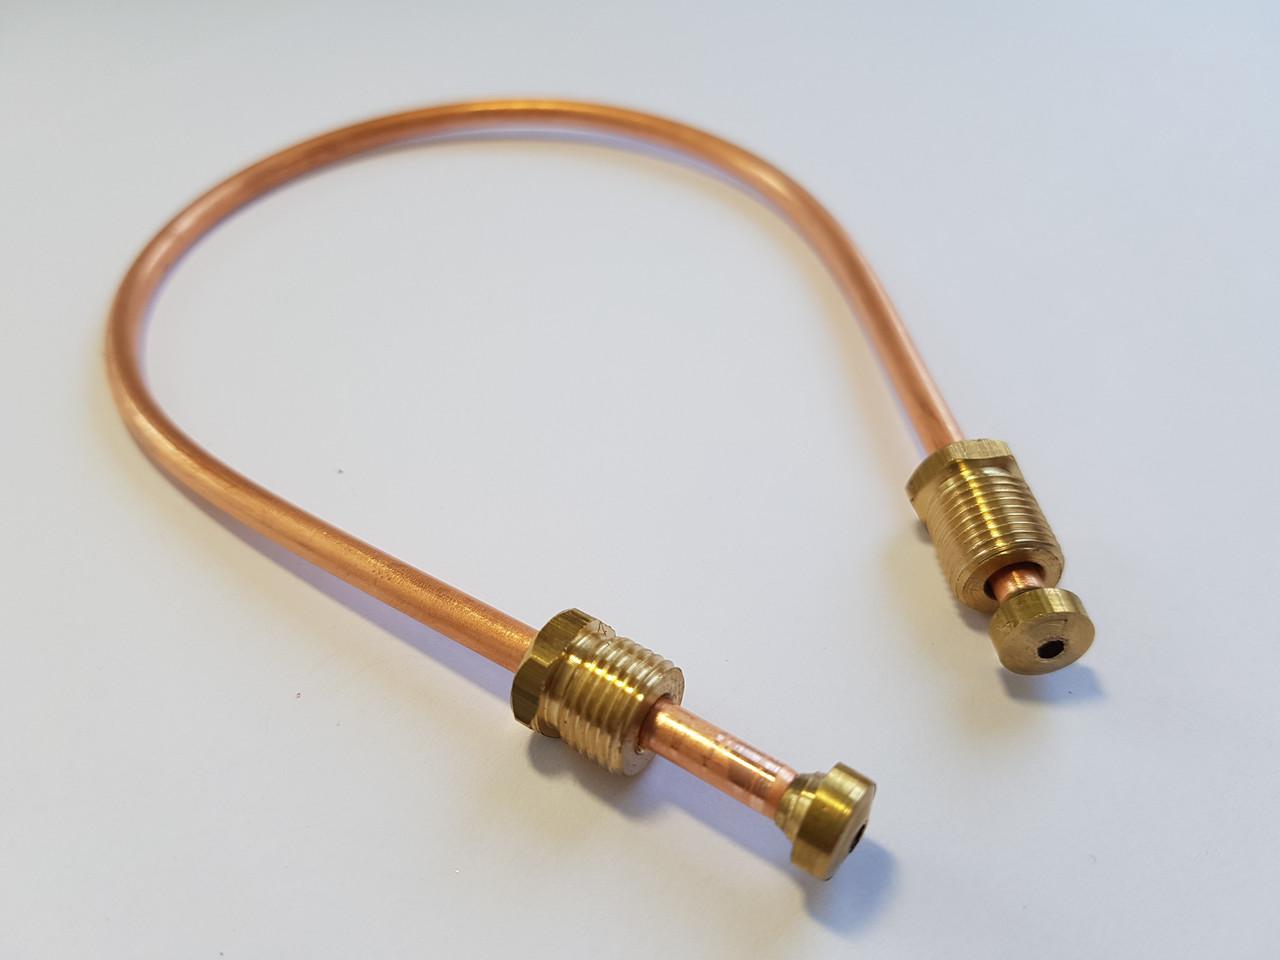 Трубка запальника Honeywell L-300 d-4mm М10*1-М10*1 Термопром Жовті Води Termoprom